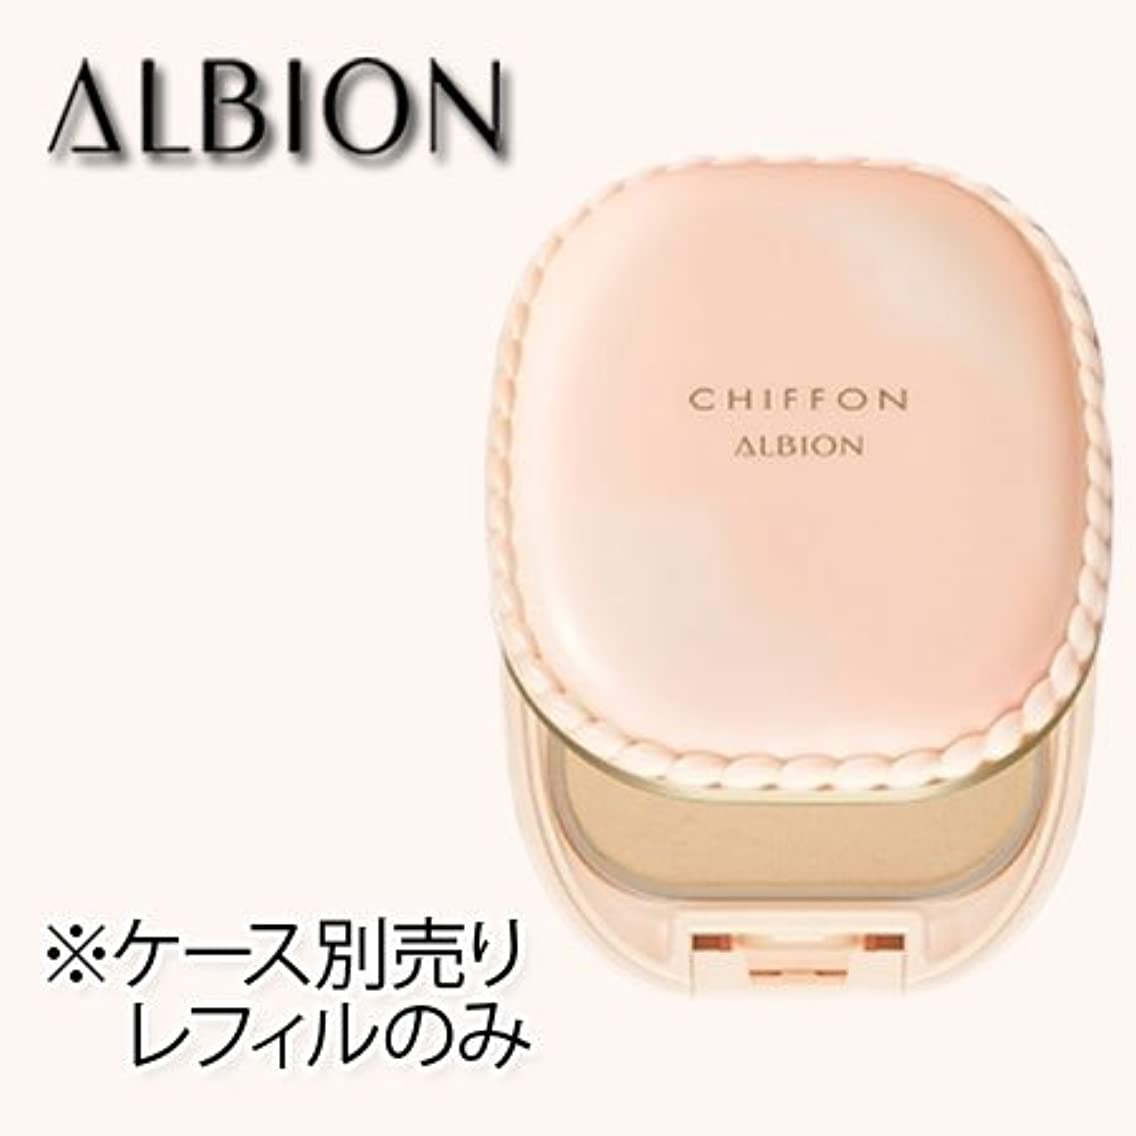 使役活気づける囲いアルビオン スウィート モイスチュア シフォン (レフィル) 10g 6色 SPF22 PA++-ALBION- 040